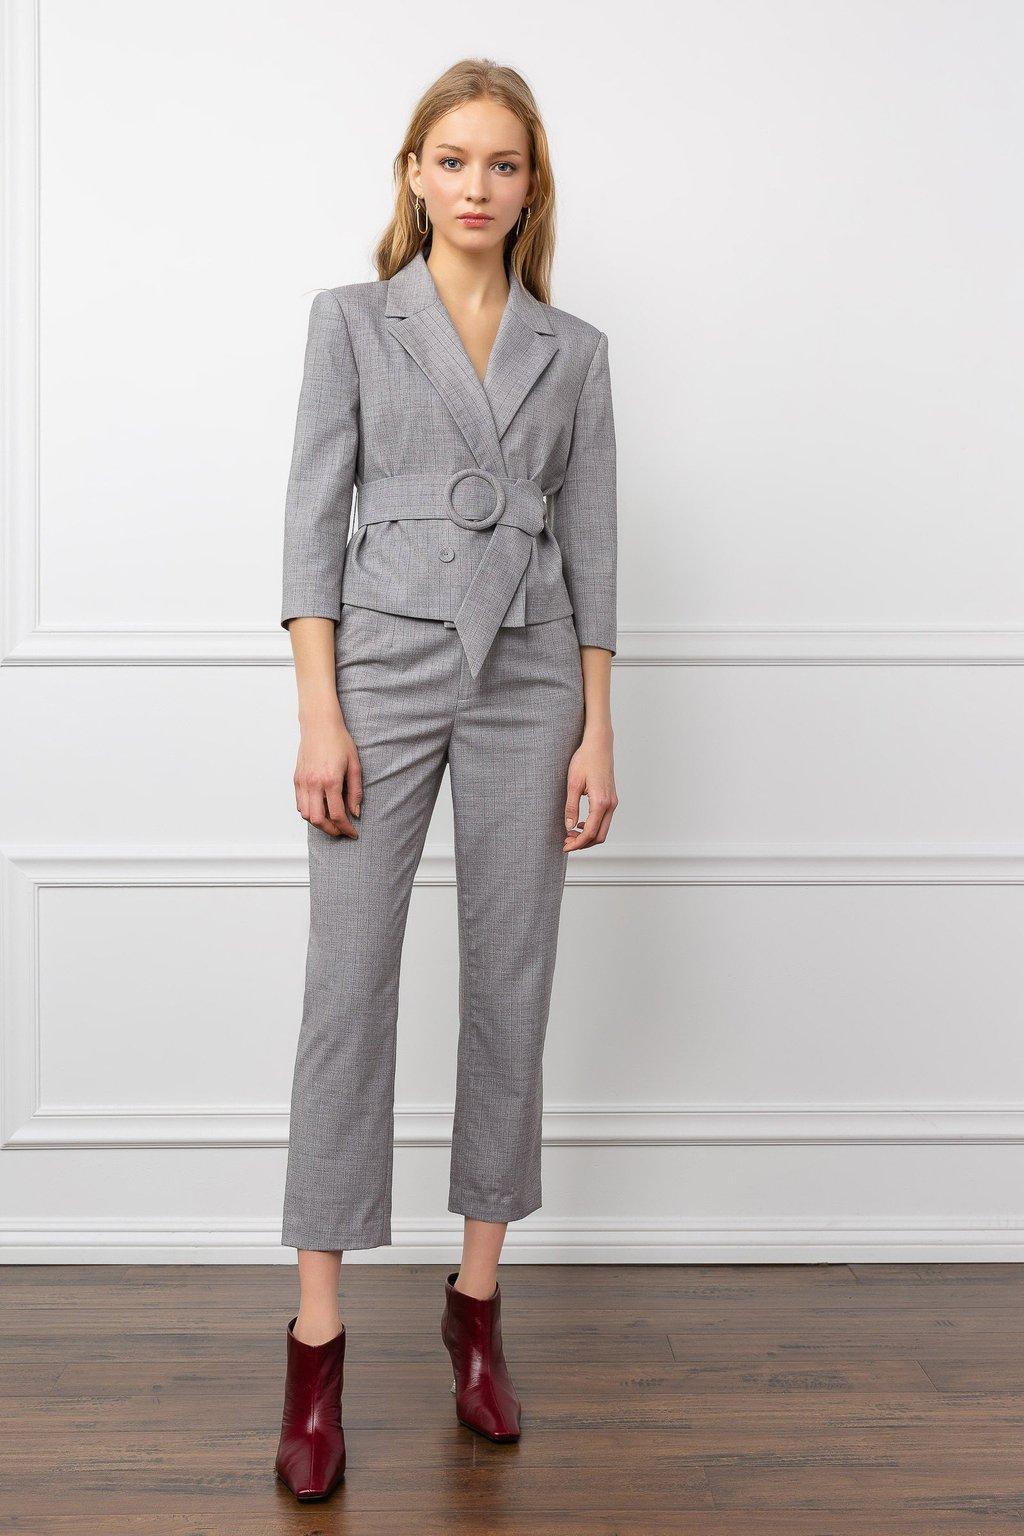 Carmen Blazer and Pant set by J.ING women's fashion